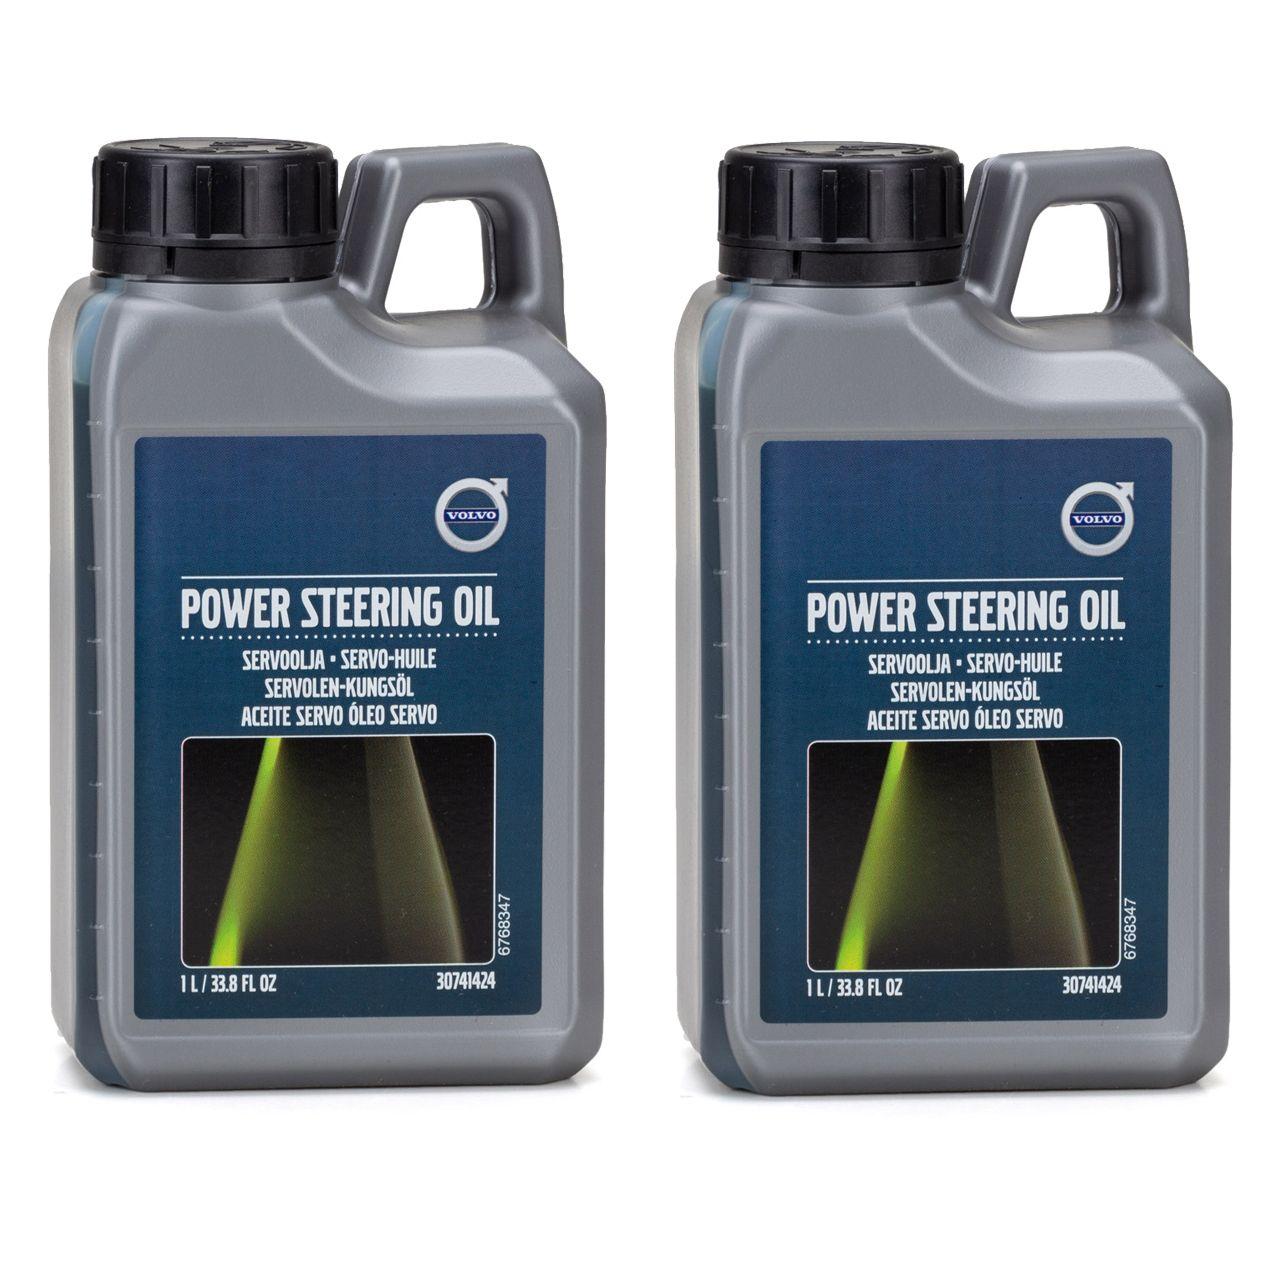 ORIGINAL Volvo Hydrauliköl Servo Öl Servolenkungsöl Lenkflüssigkeit 2L 30741424